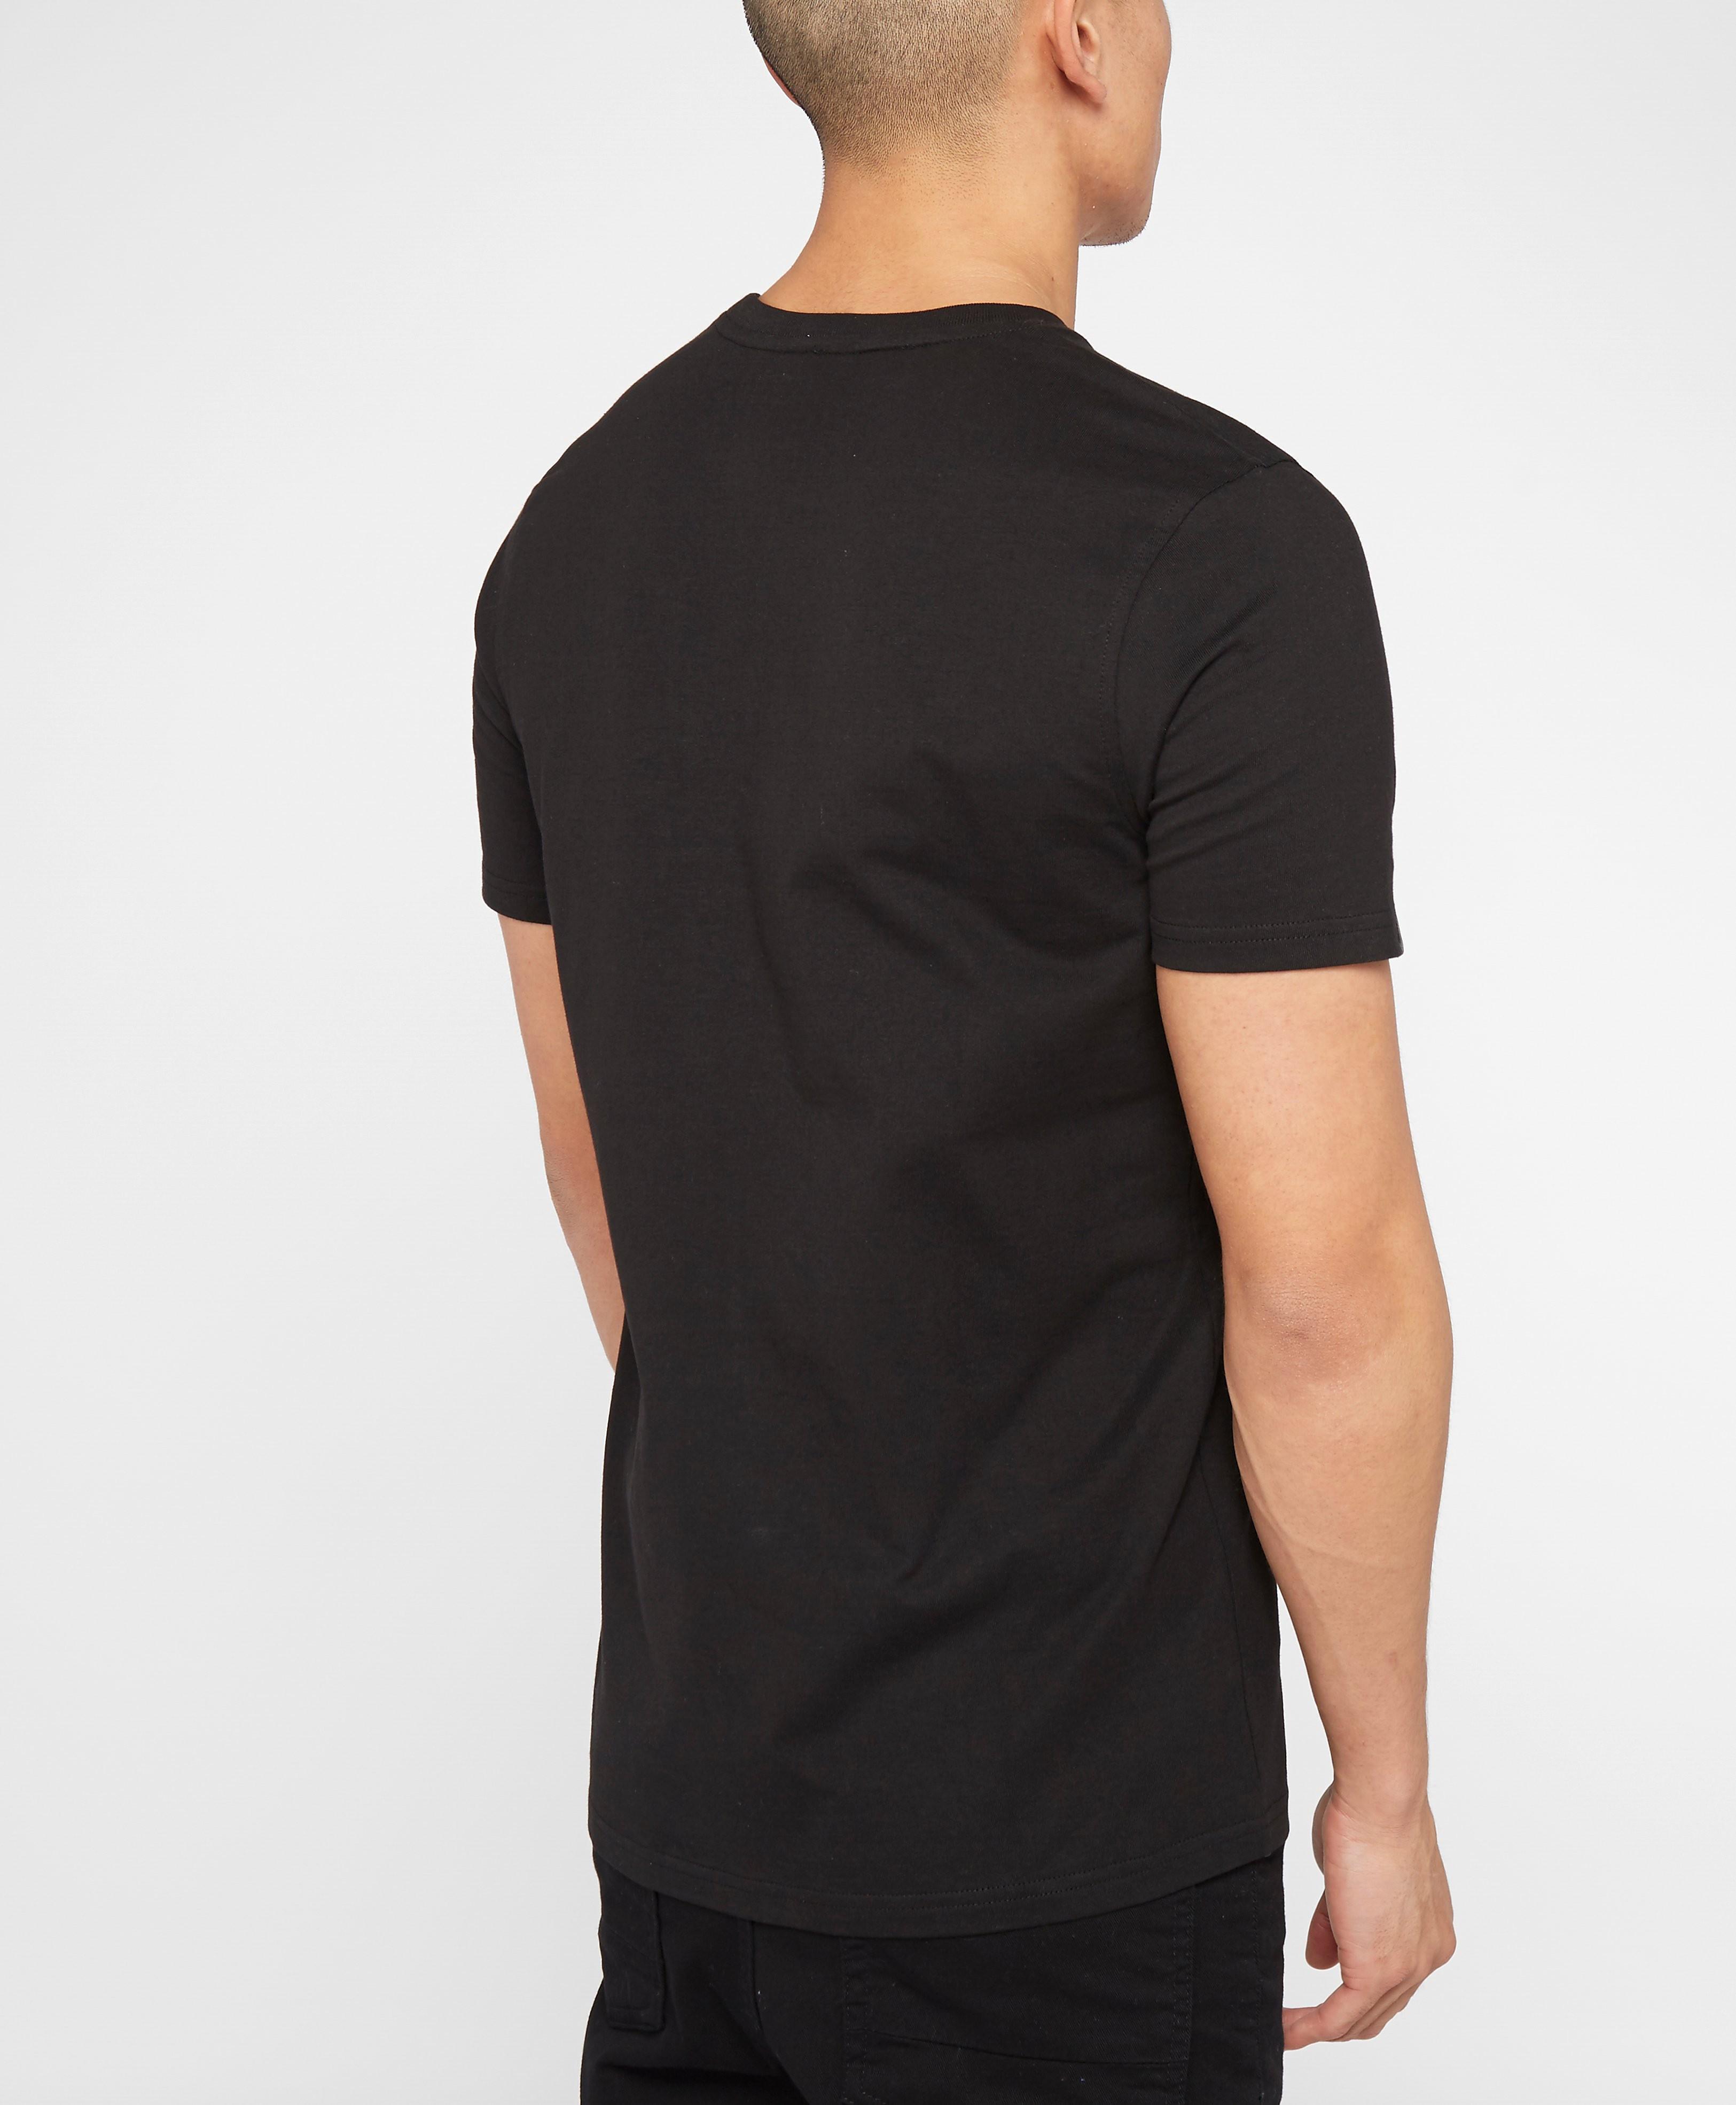 One True Saxon Bandit T-Shirt - Exclusive